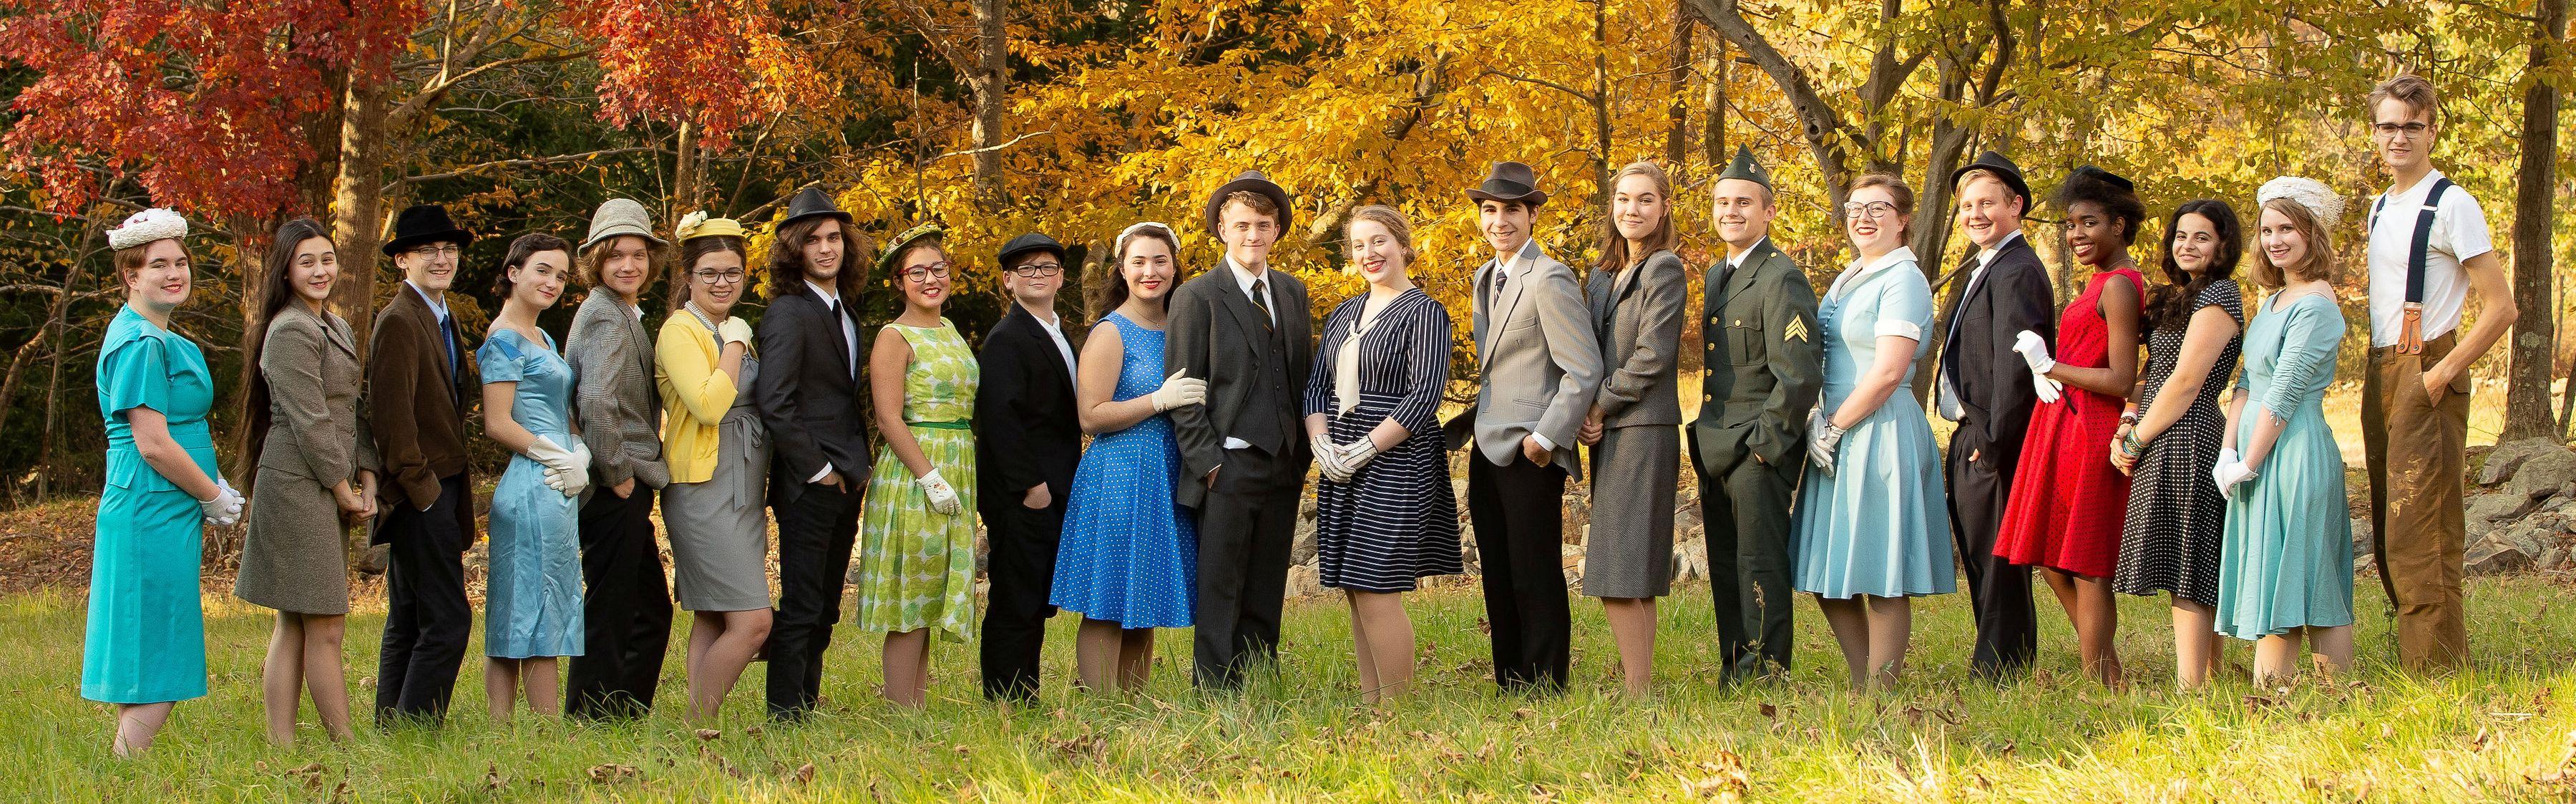 Its a Wonderful Life cast